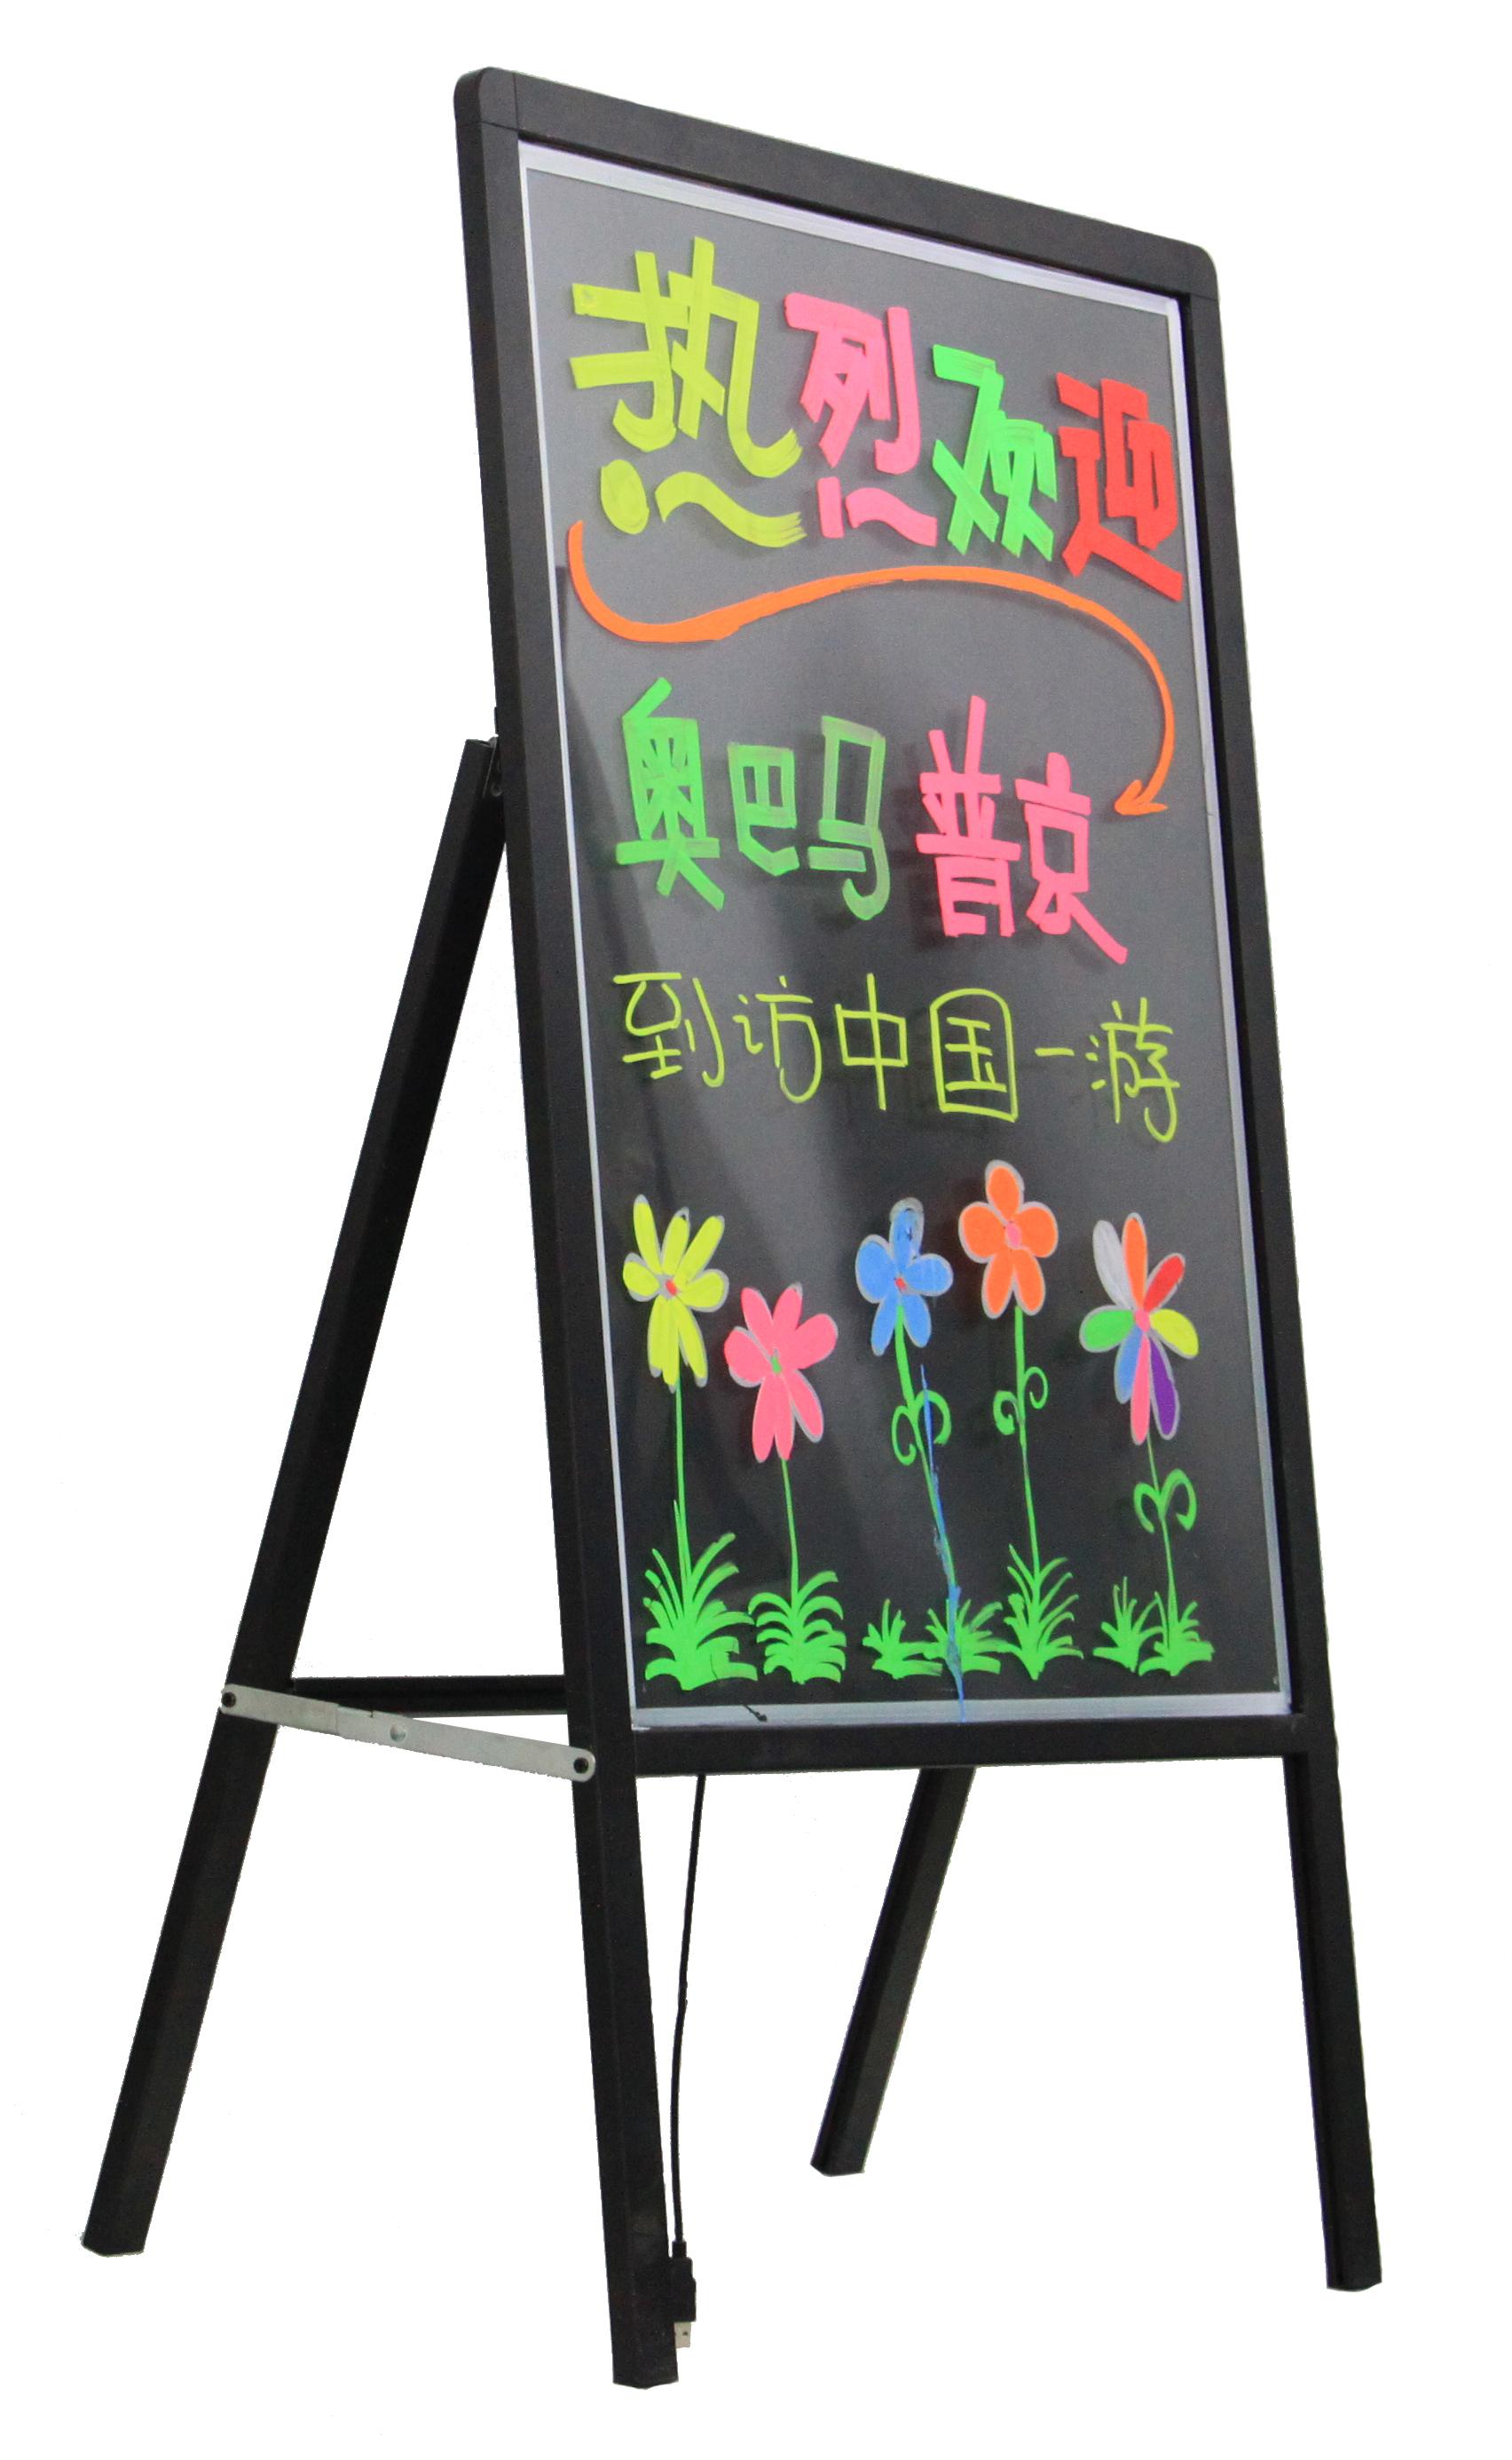 电子荧光板 LED荧光板 银光夜光广告写字板 发光板手写板 展示闪烁板